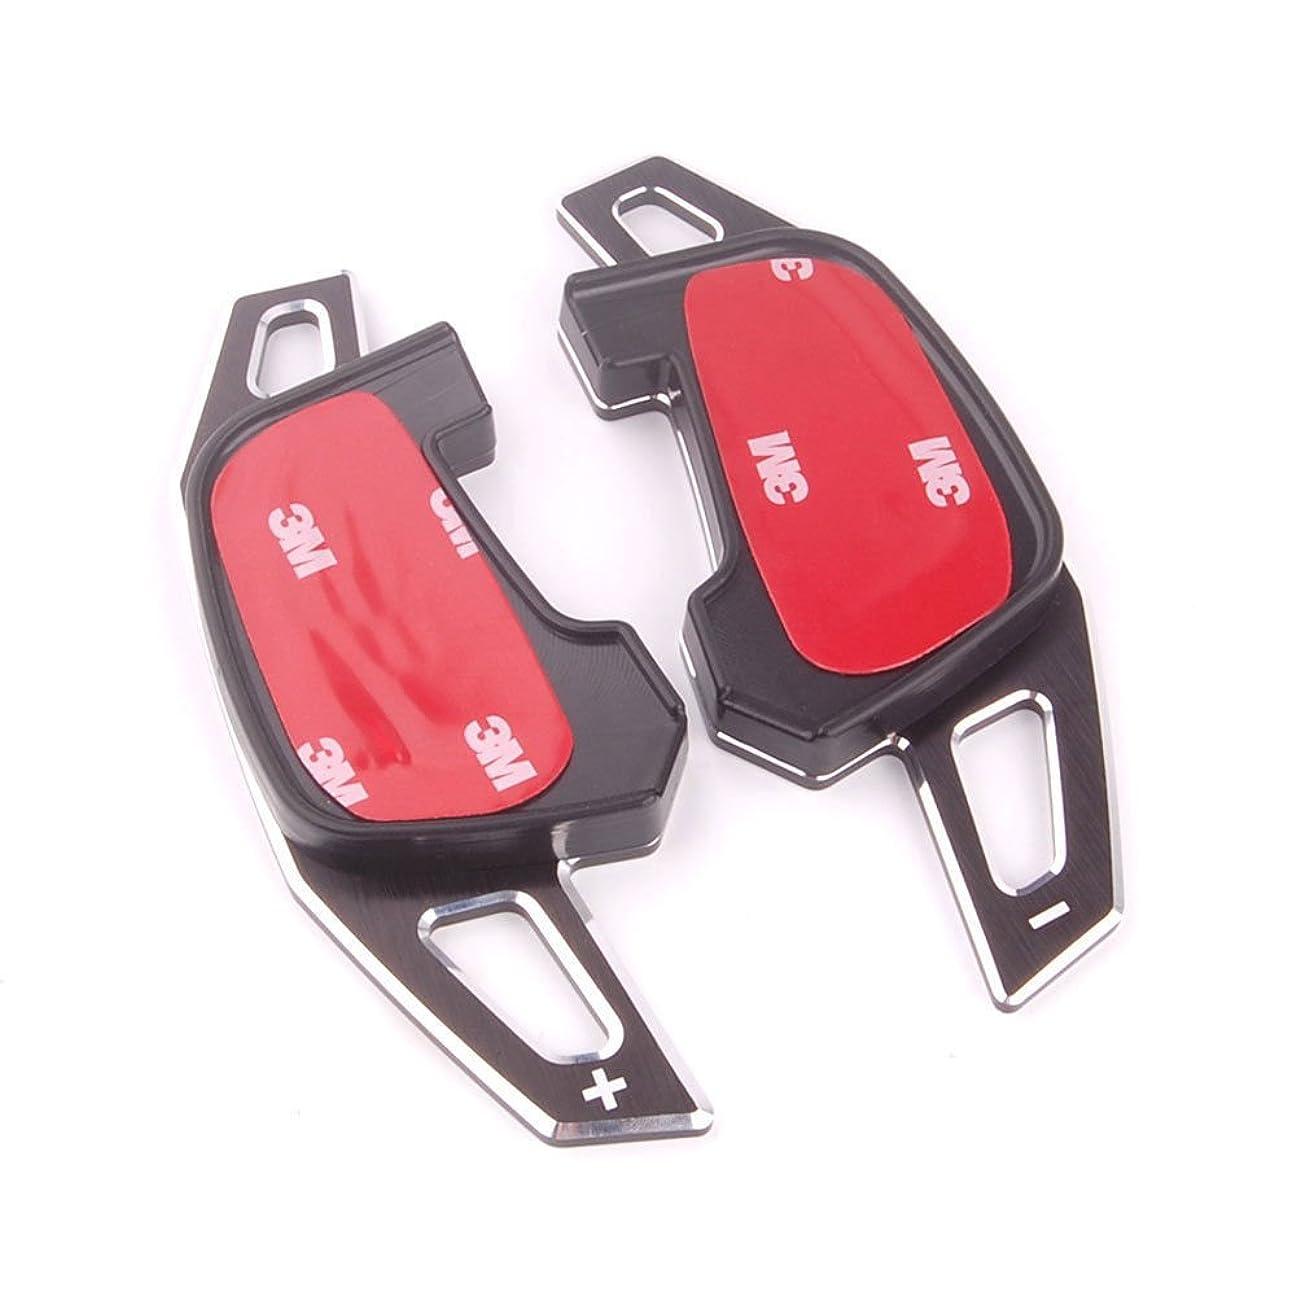 ドナー北へパーセントJicorzo - Car Steering Wheel DSG Paddle Extension Shifters Shift Styling Sticker Car Accessories For VW Golf GTI R20 7 R Mk7 VII 2013-2015